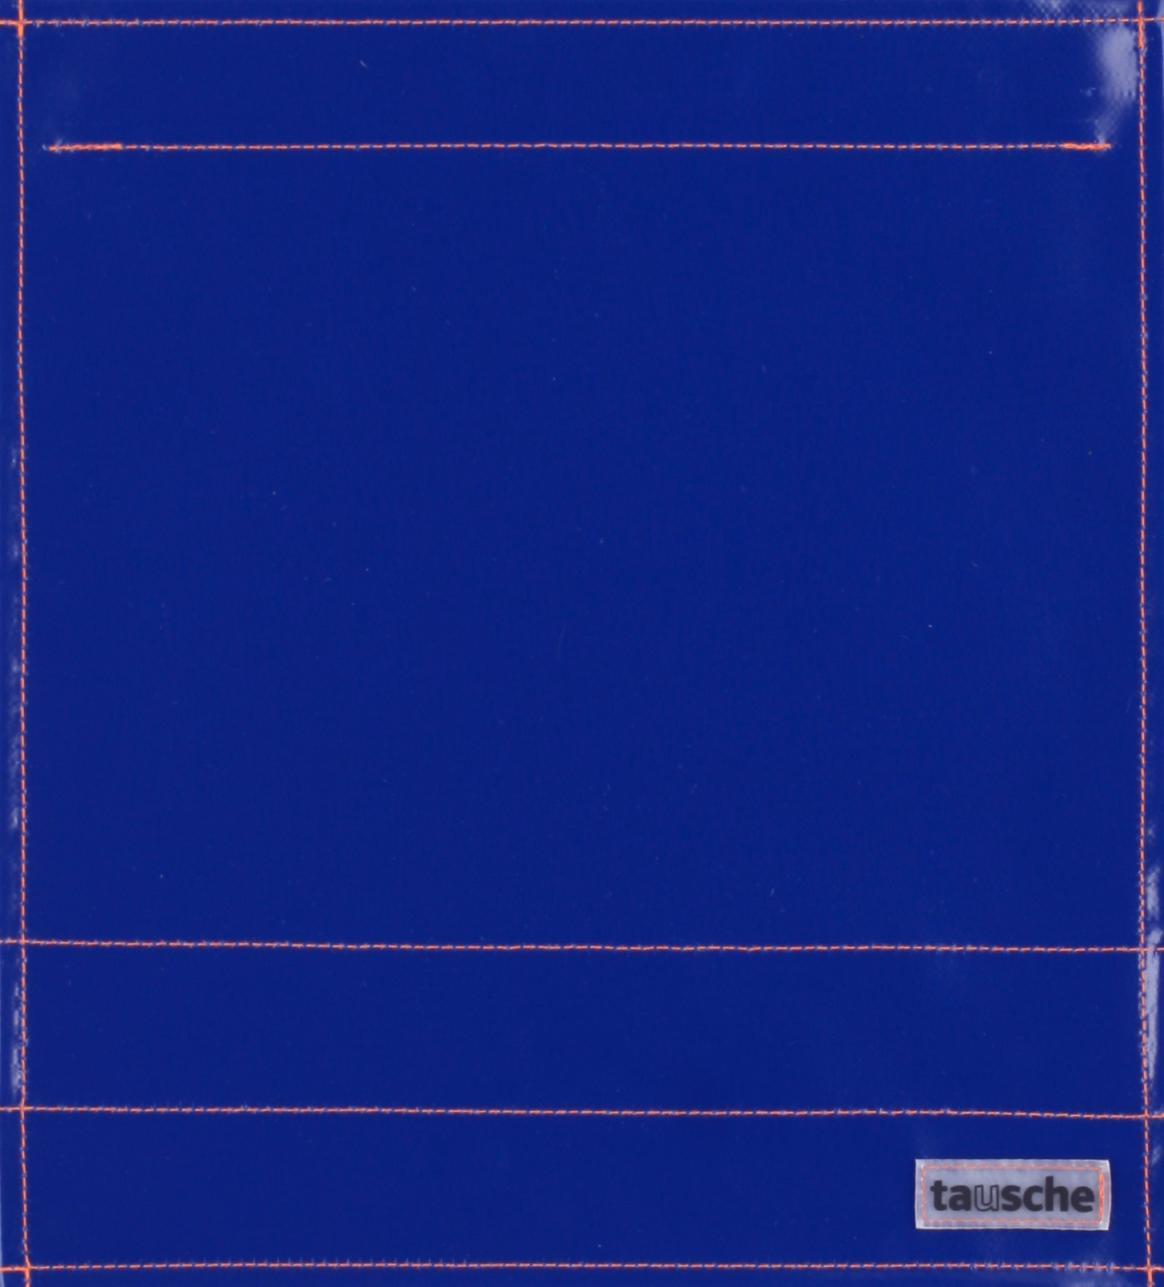 pur mitternachtsblau (mittel)